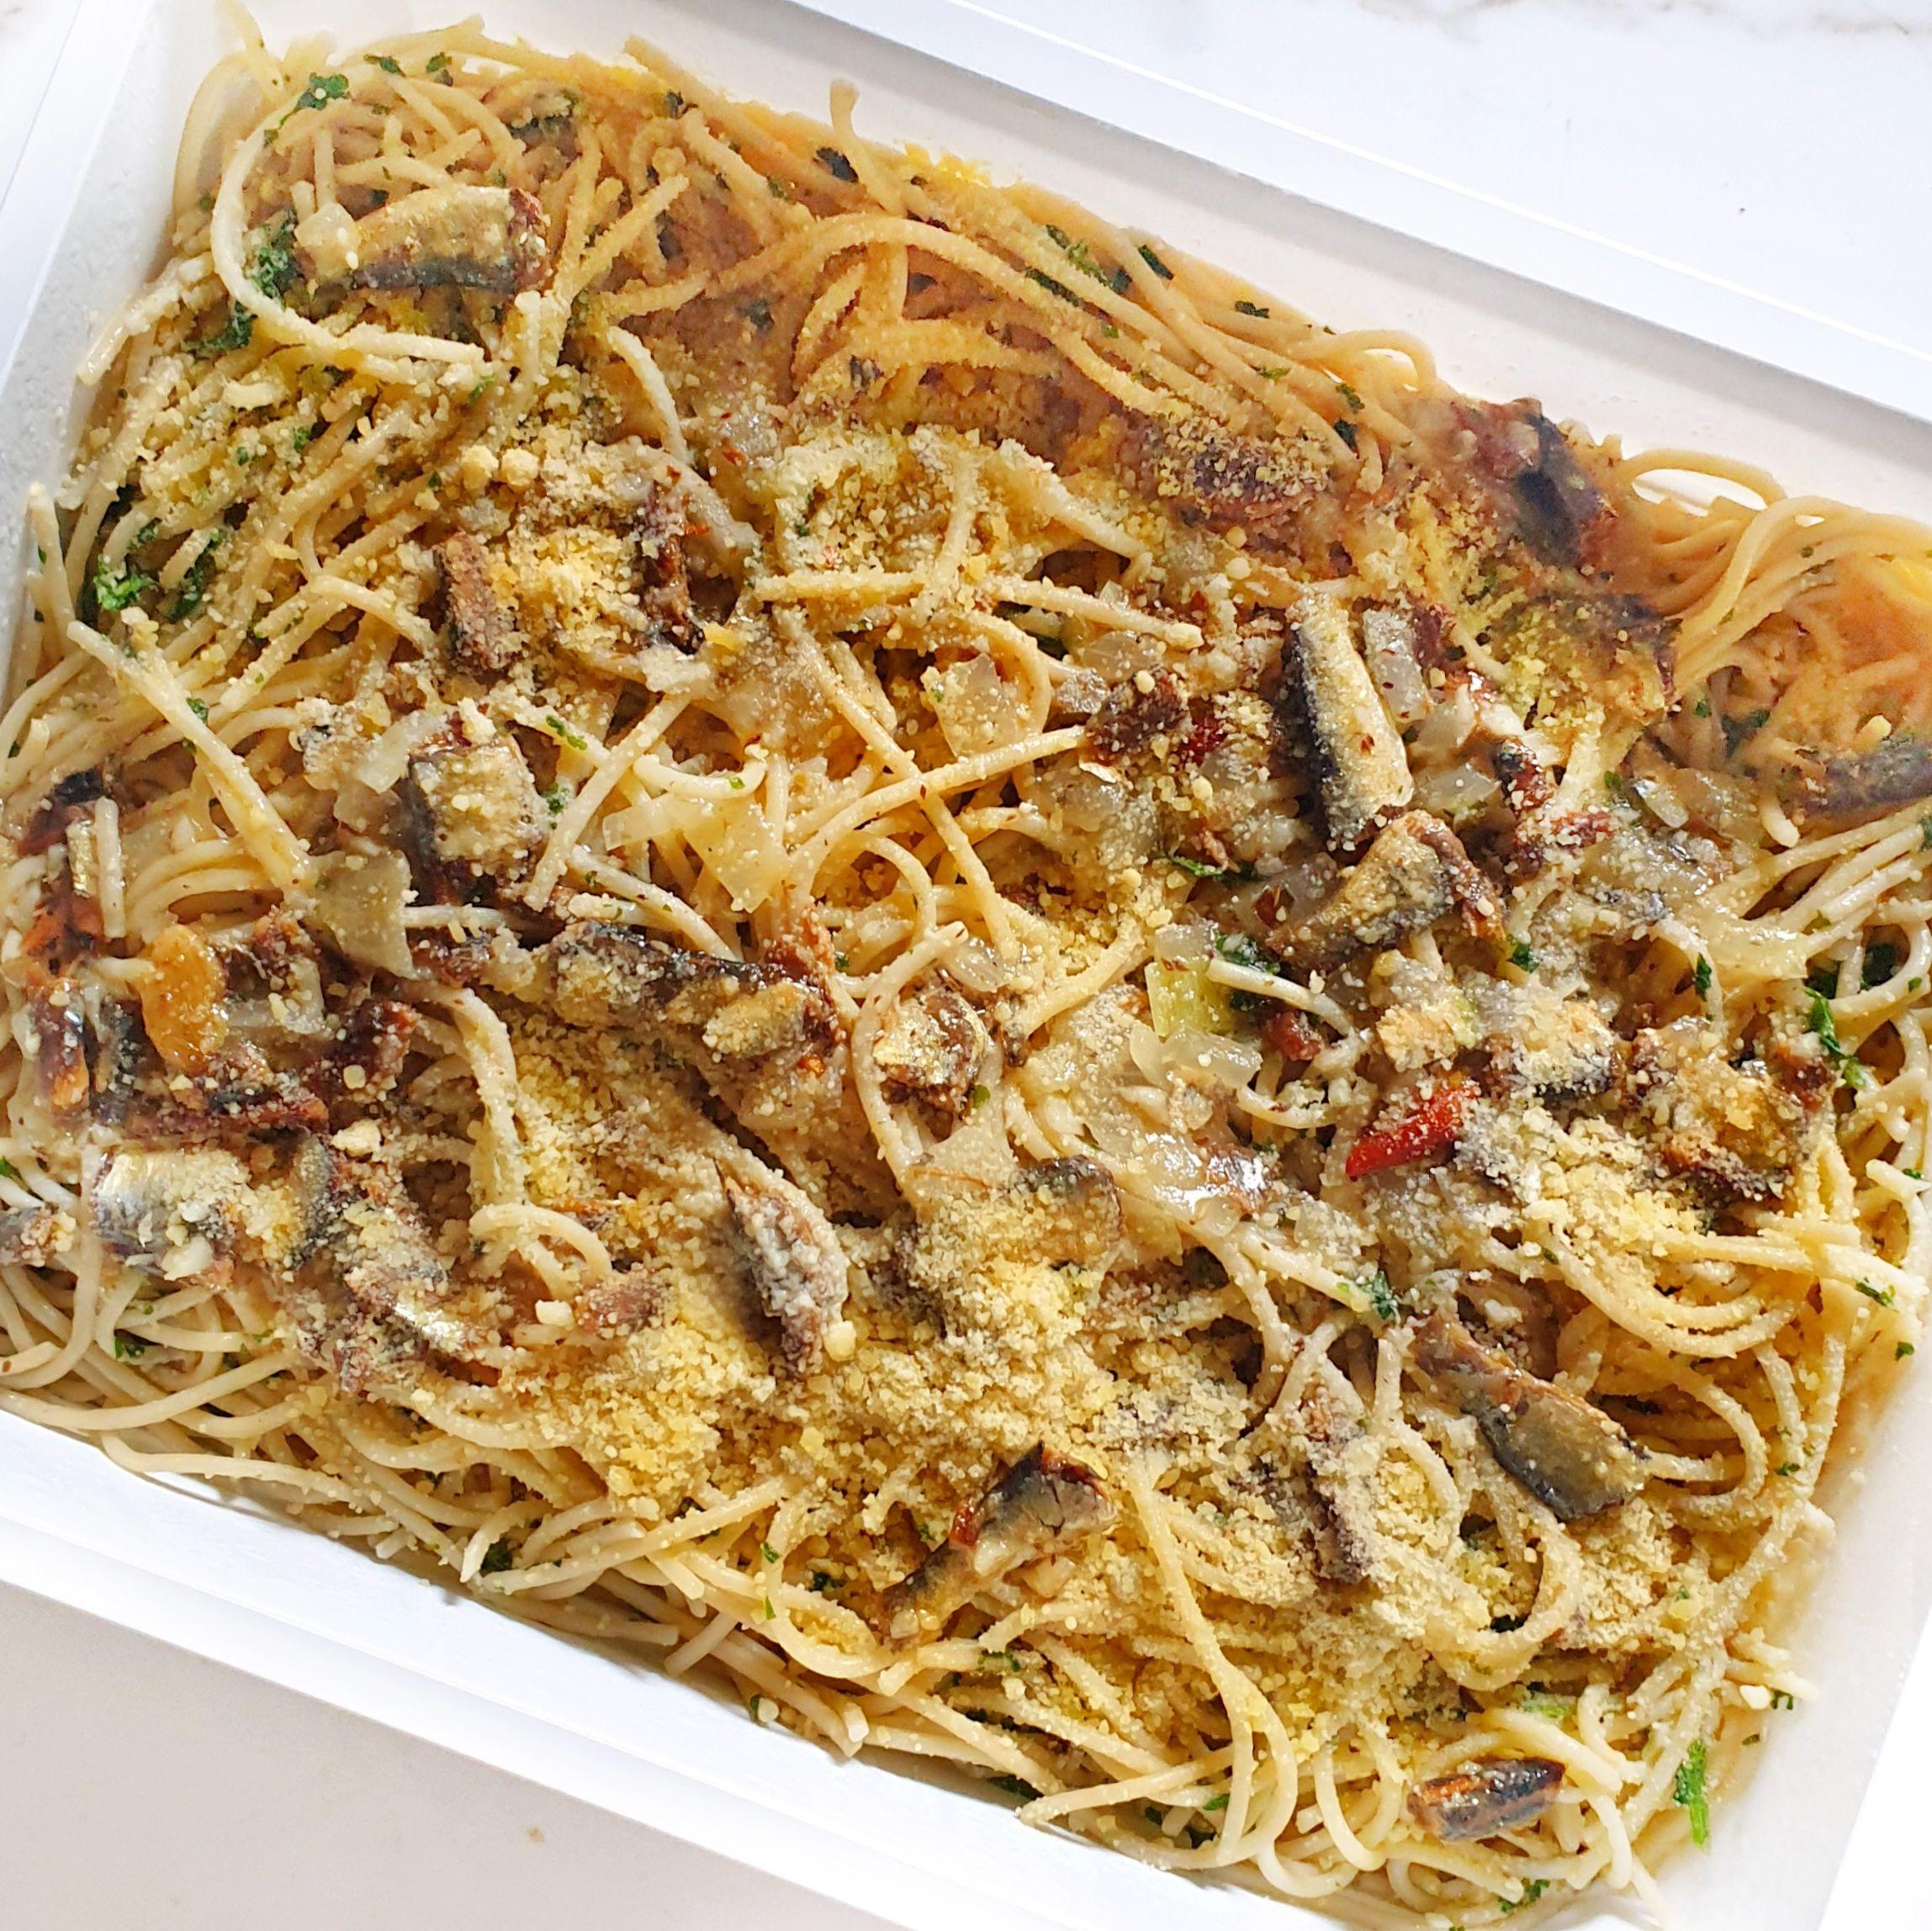 Spaghetti w/ tuyo and garlic